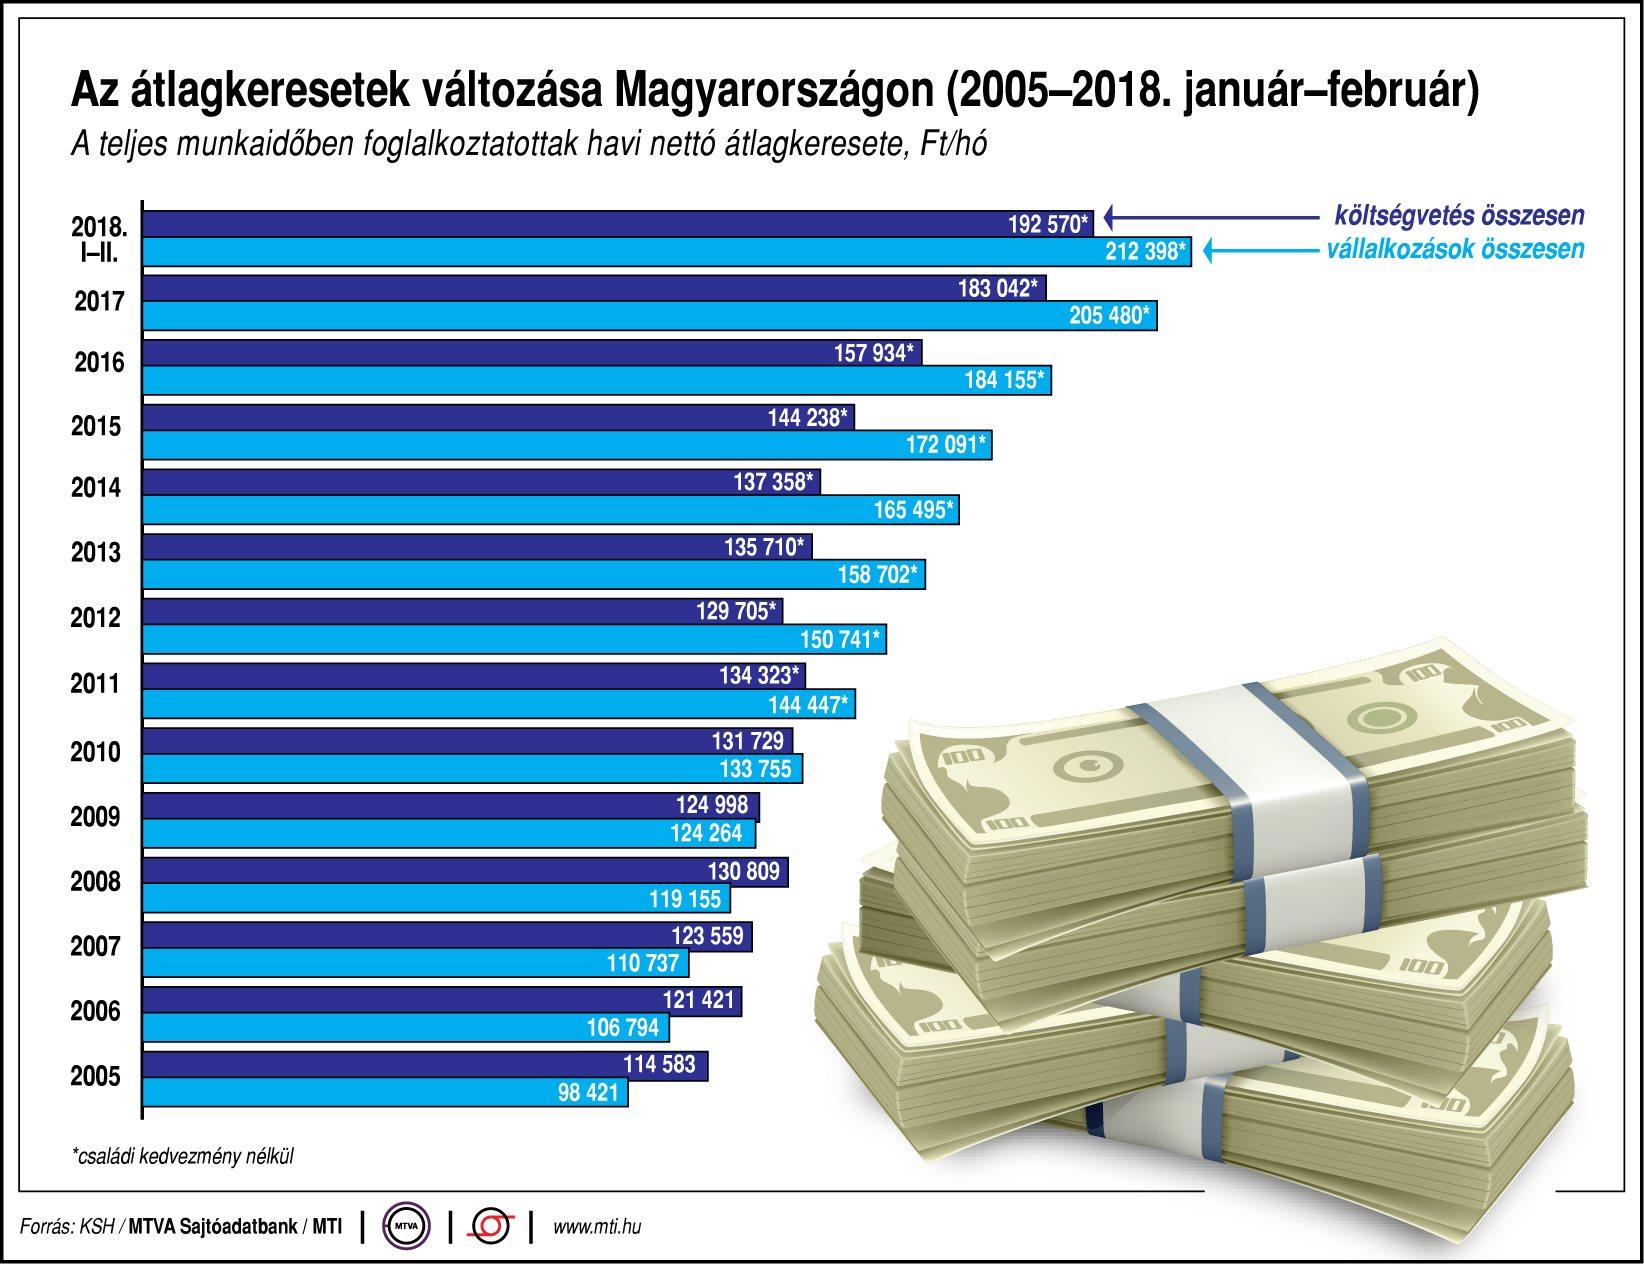 Az átlagkeresetek változása Magyarországon (2003-2018. január-február)